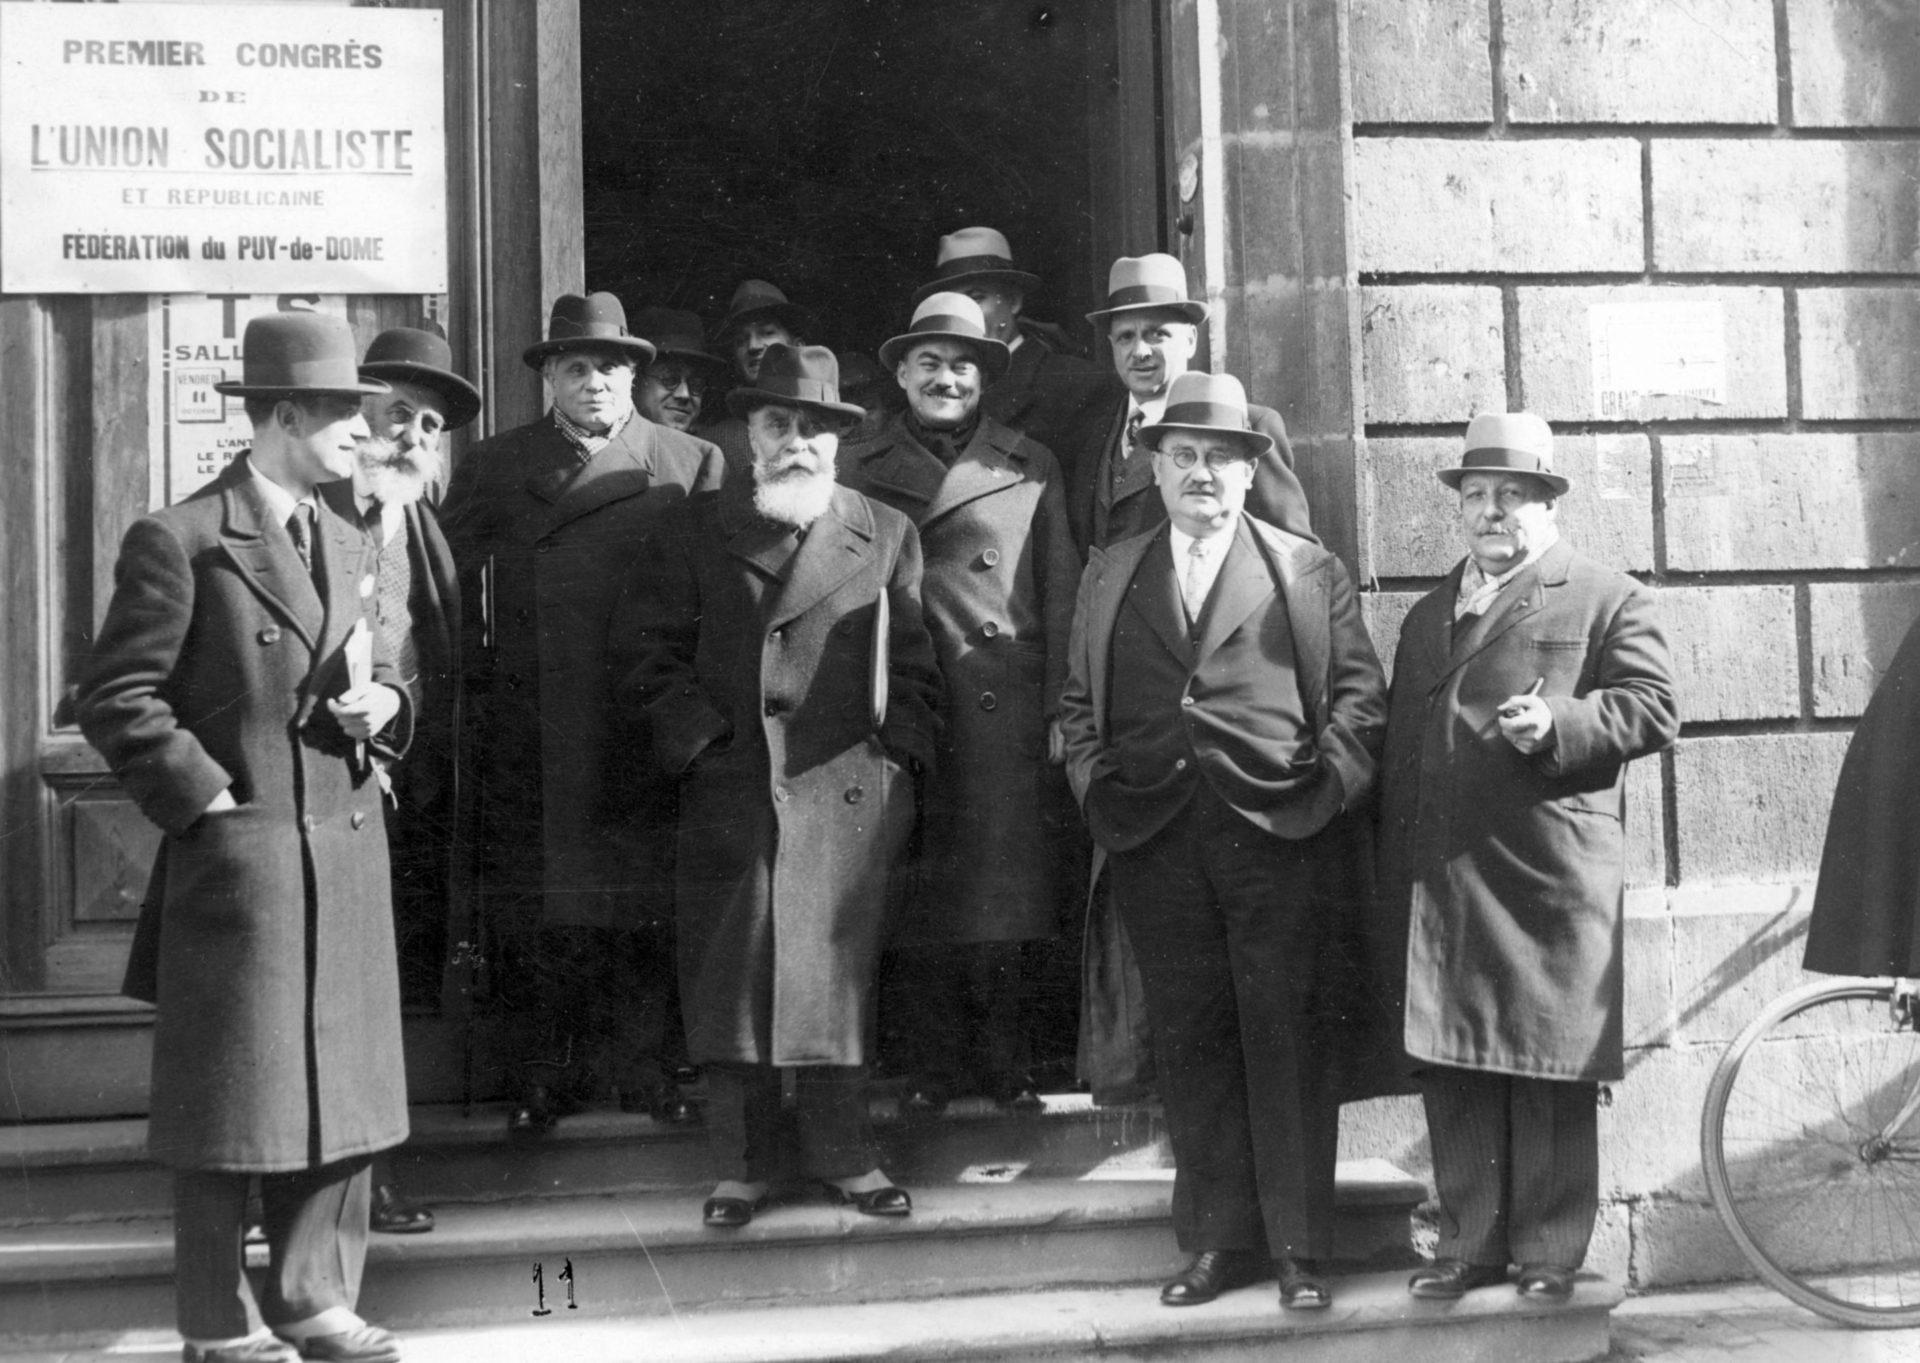 Premier congrès de l'Union socialiste et républicaine, Fédération Puy-de-Dôme. Possiblement prise devant la salle Gaillard, Clermont-Ferrand, le vendredi 11 Octobre 1935. Crédit: Léon Gendri